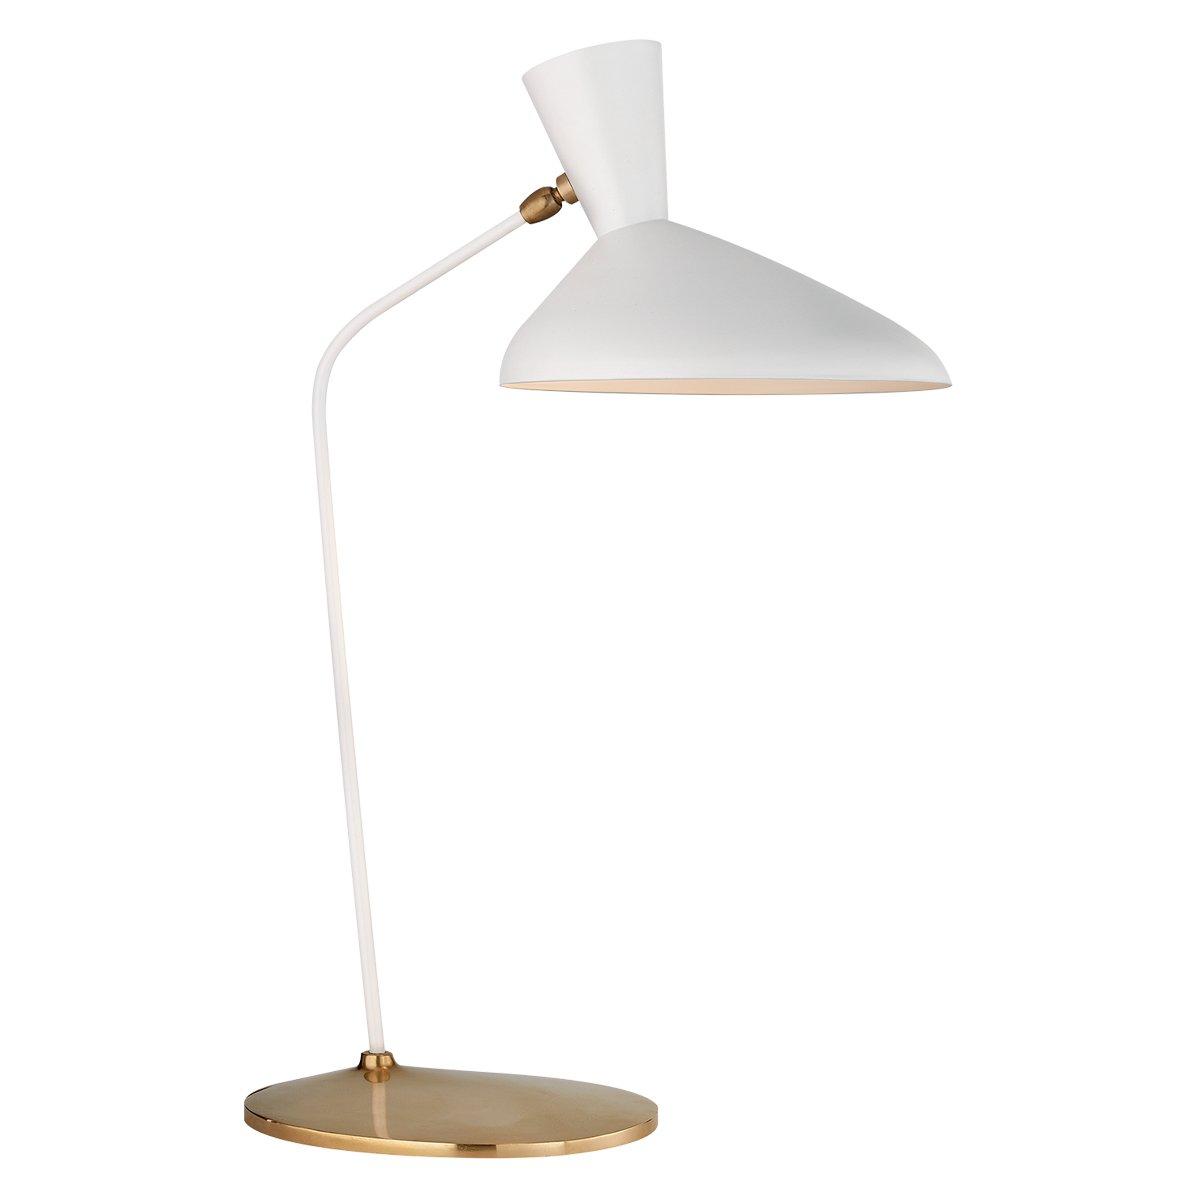 Austen_Offset_Table_Lamp_2.jpg